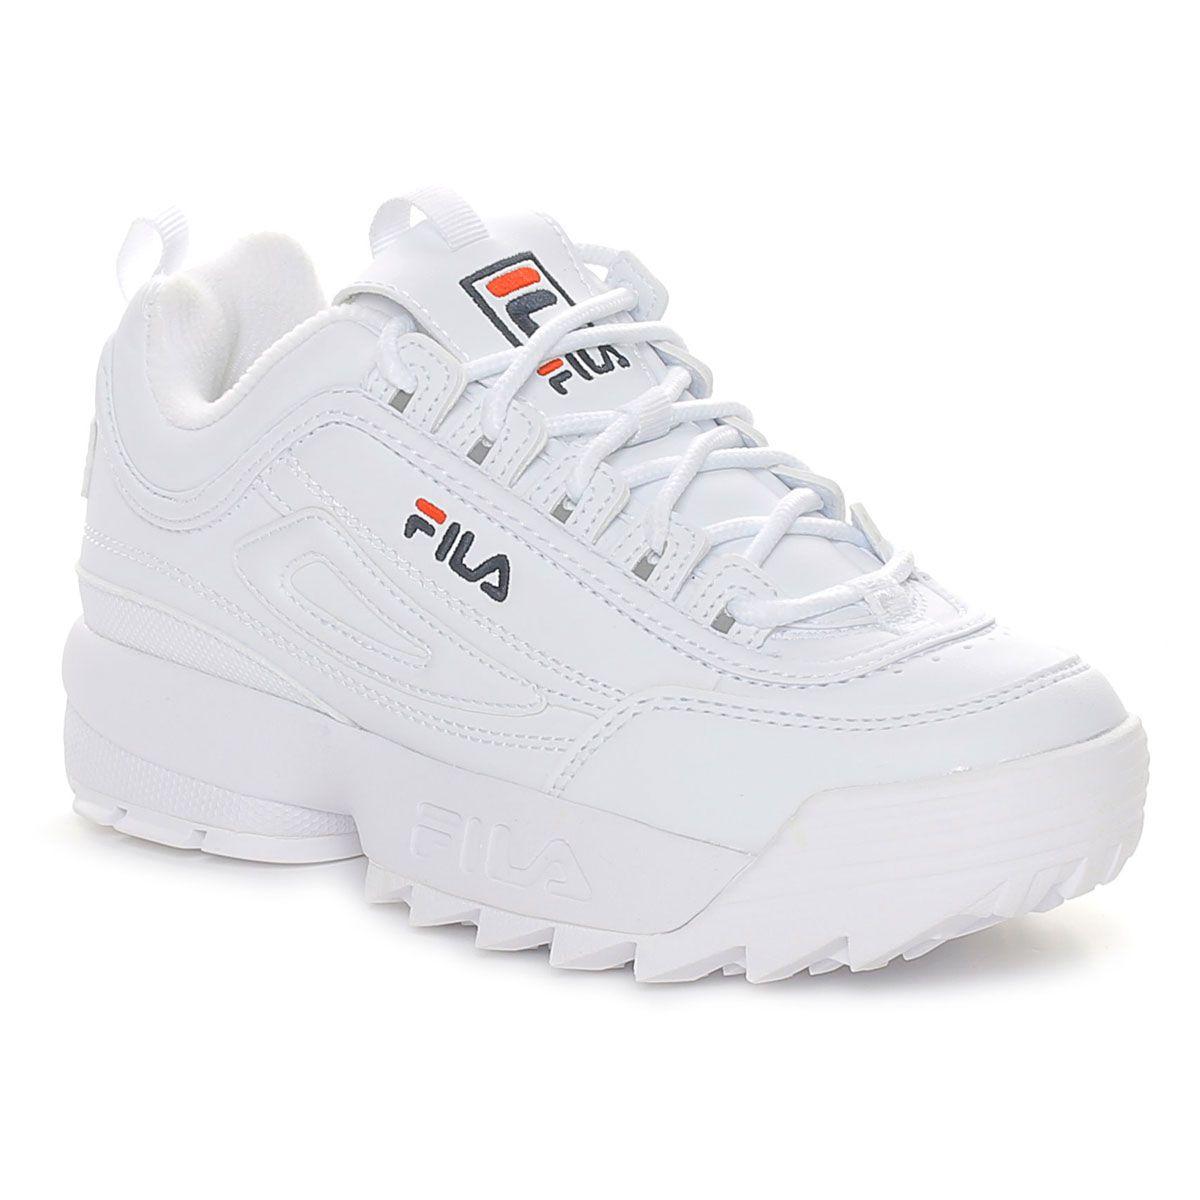 Fila Disruptor Kids Bianco